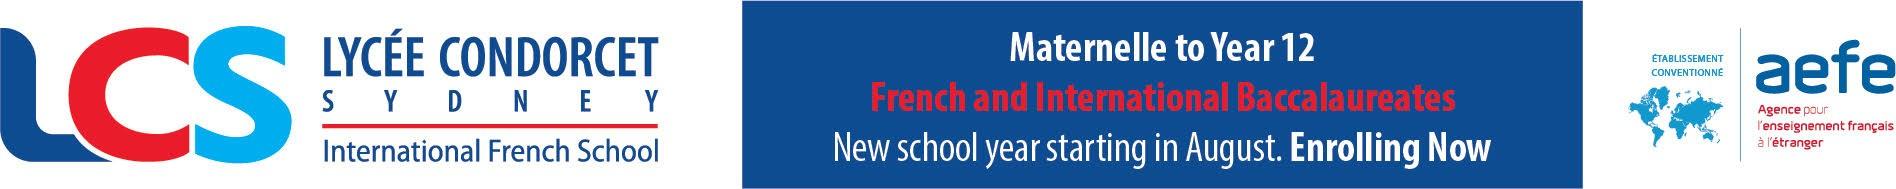 Alliance Francaise de Sydney - French Courses